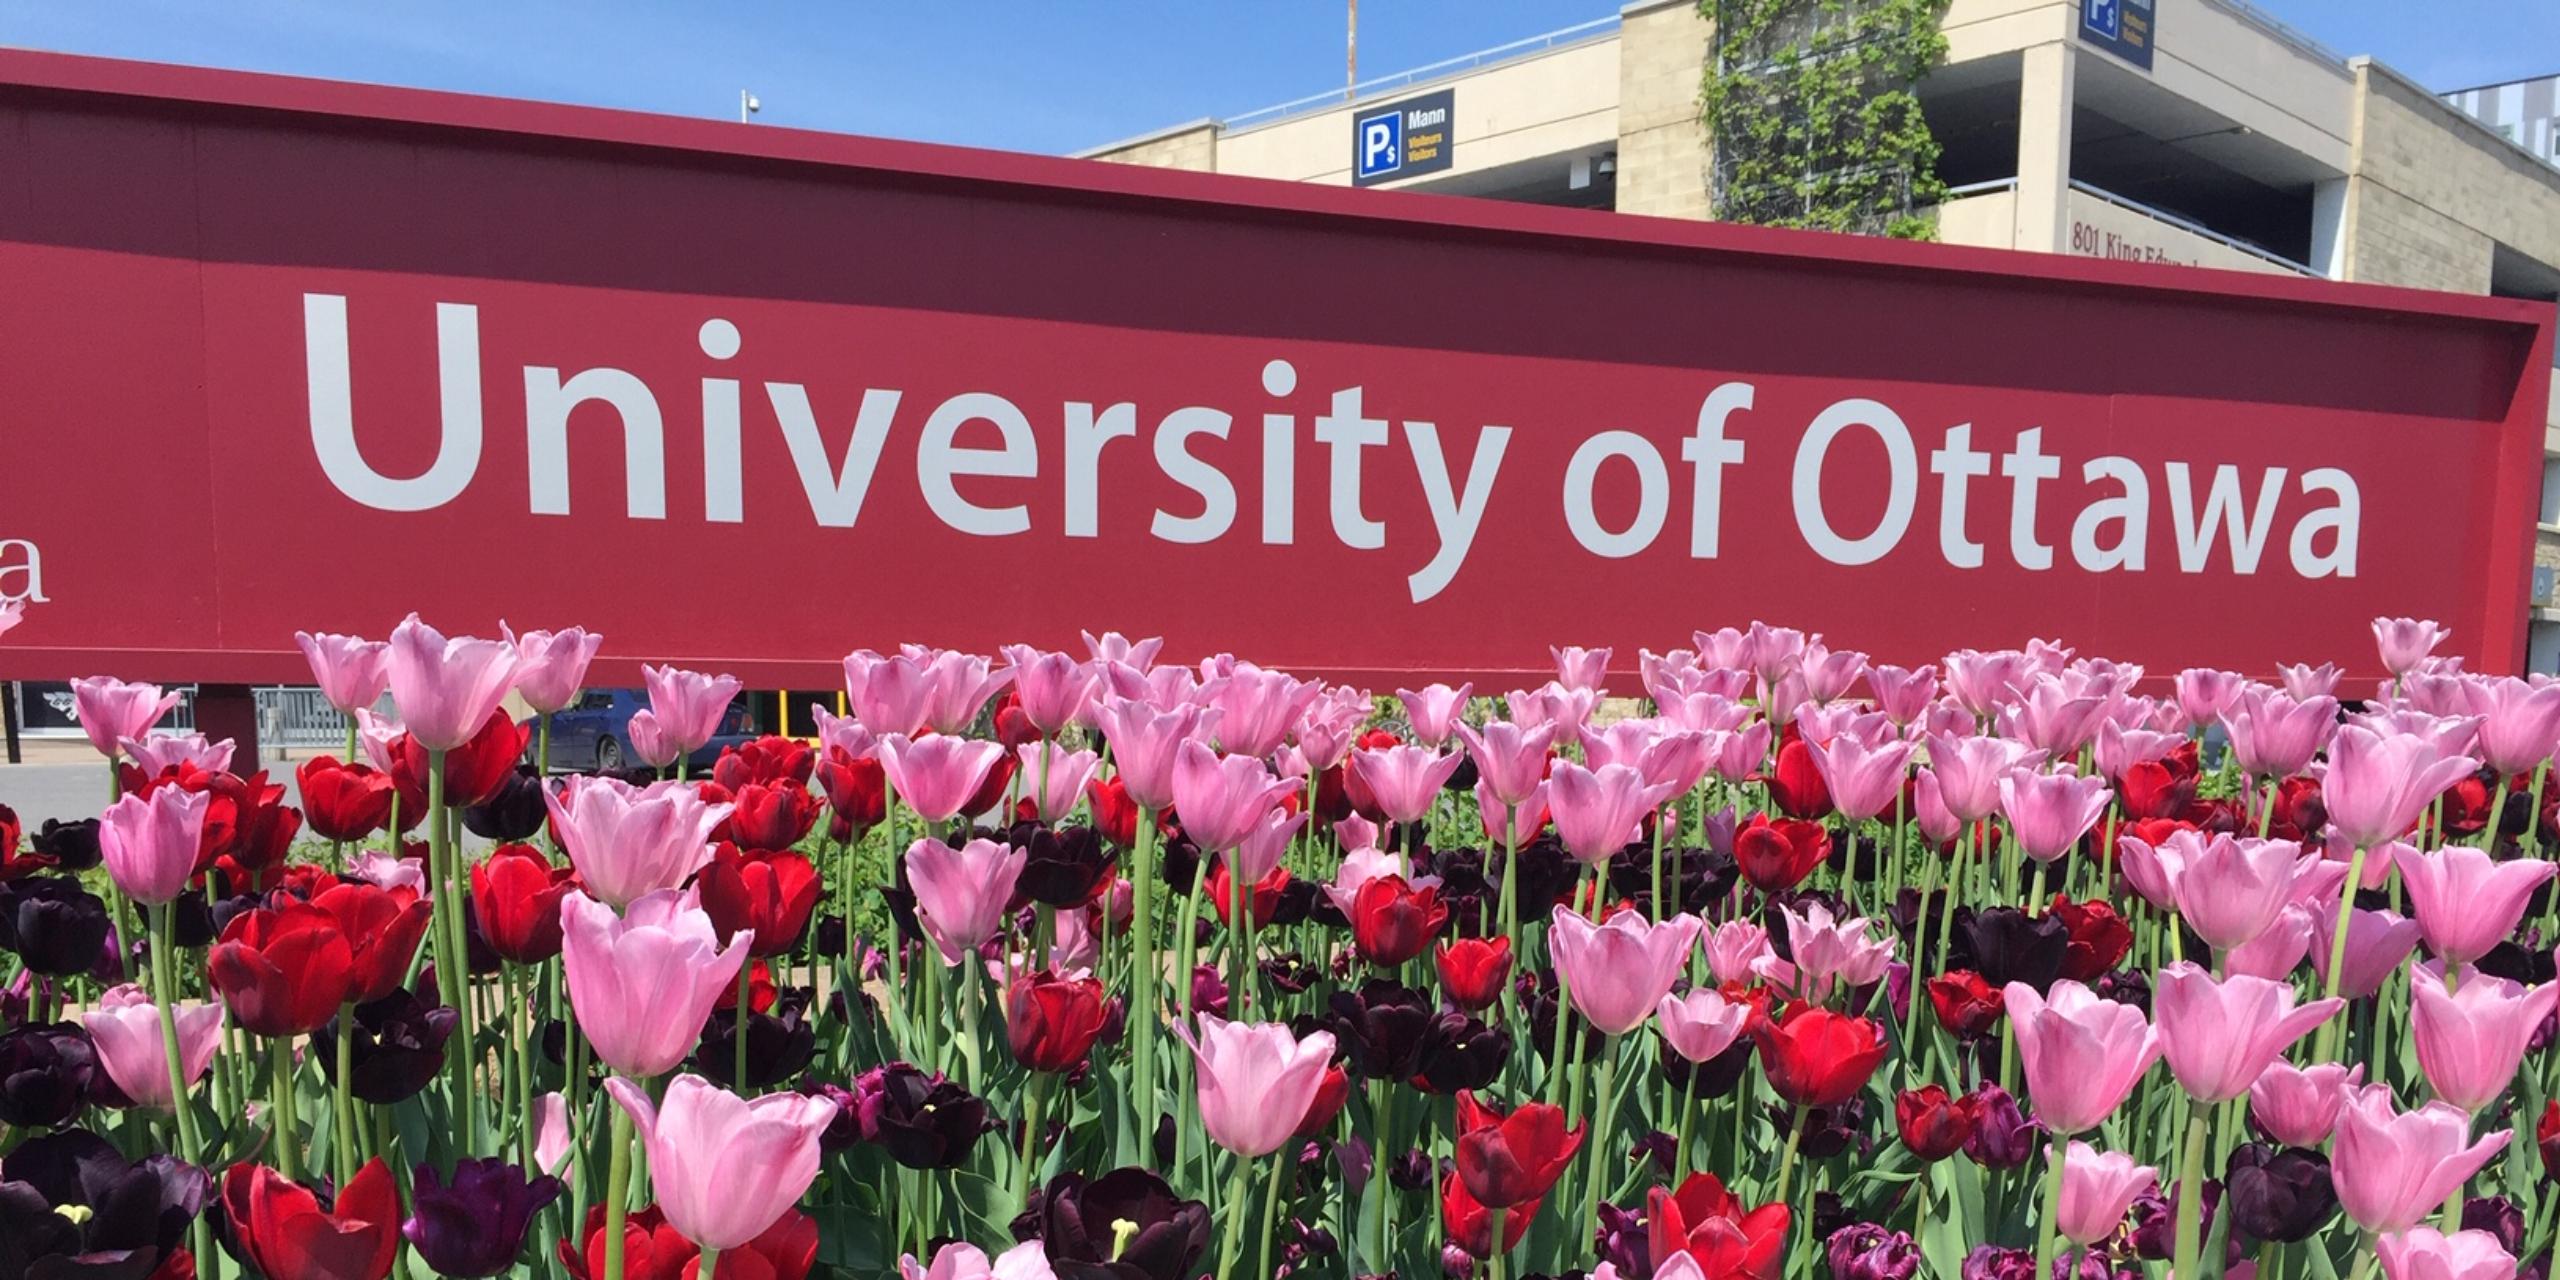 image du sign uottawa derrière les tulipes